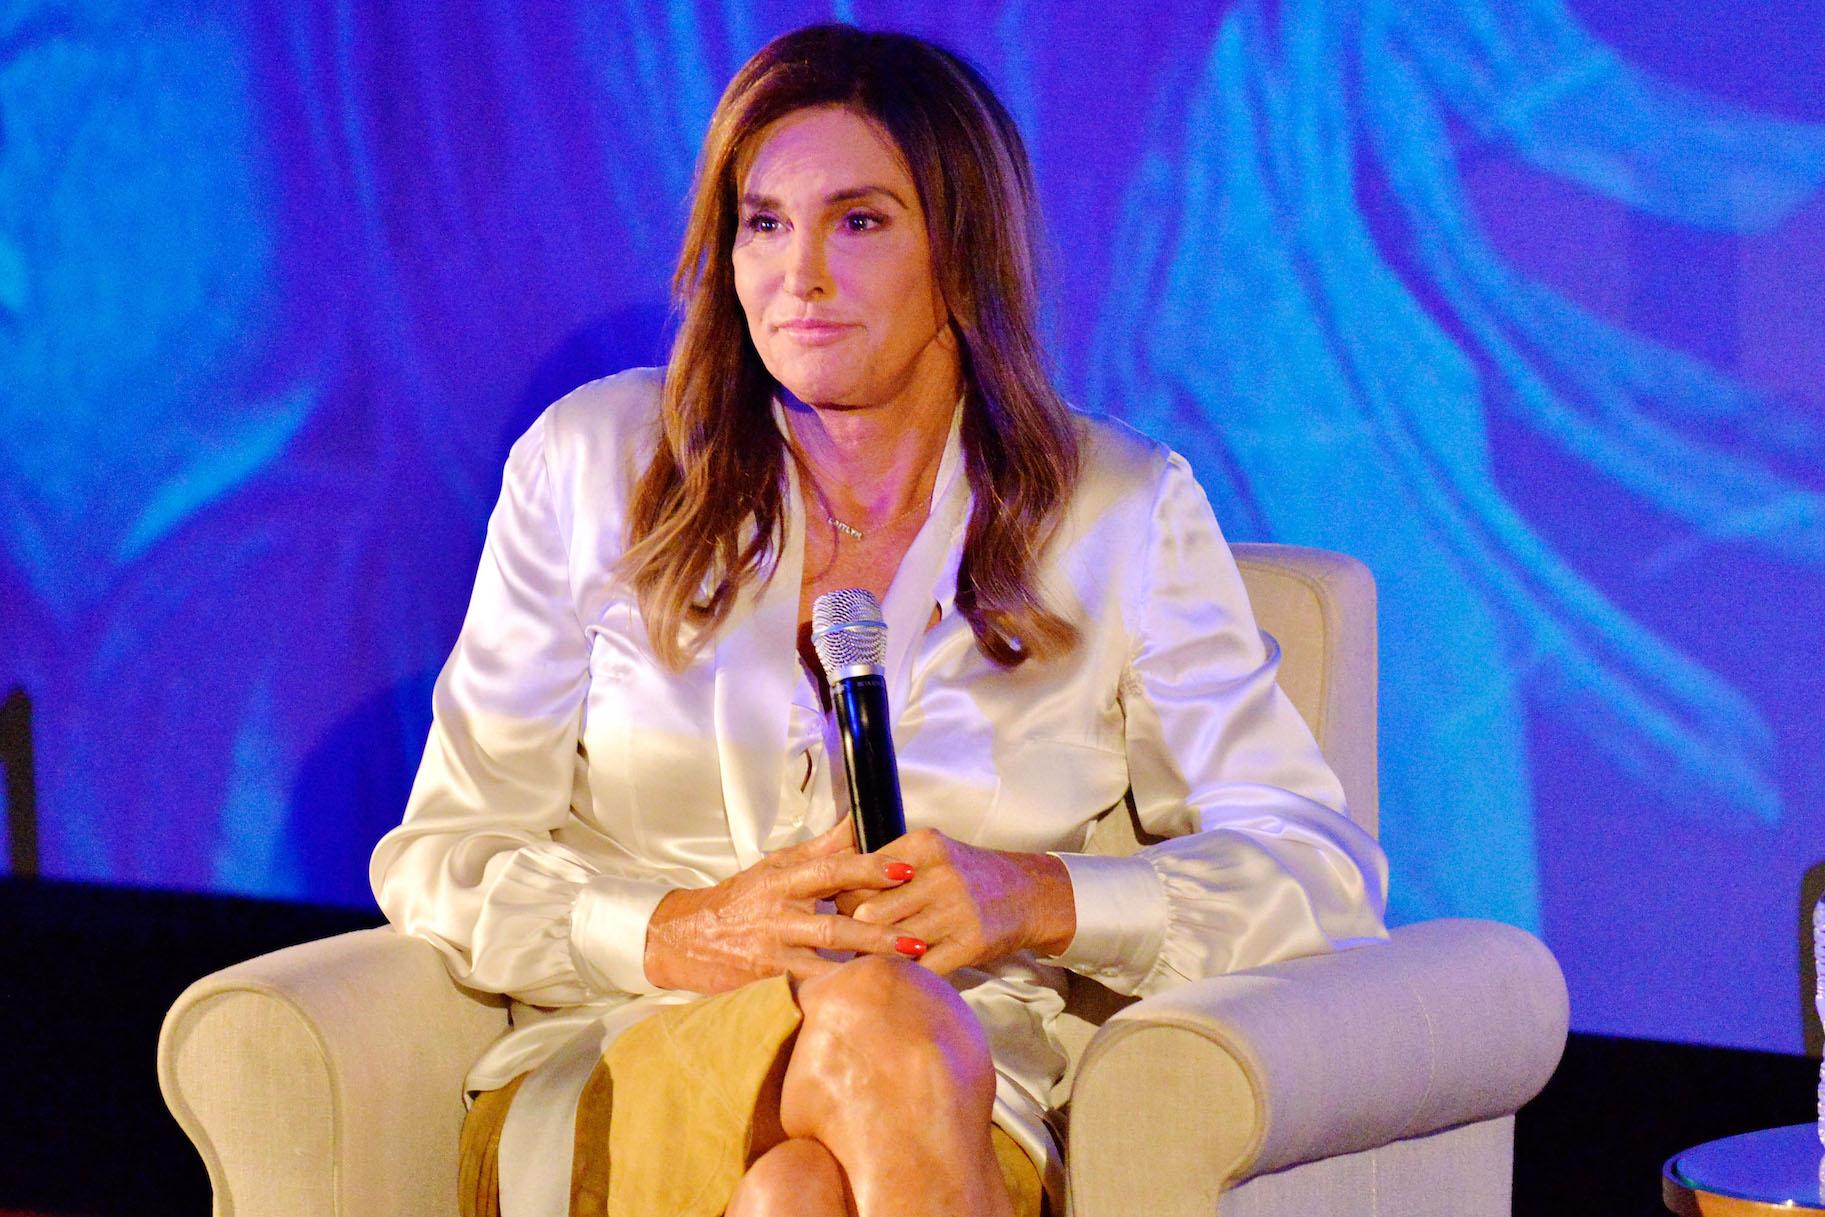 Caitlyn Jenner pagará $ 800,000 en un acuerdo por accidente automovilístico fatal